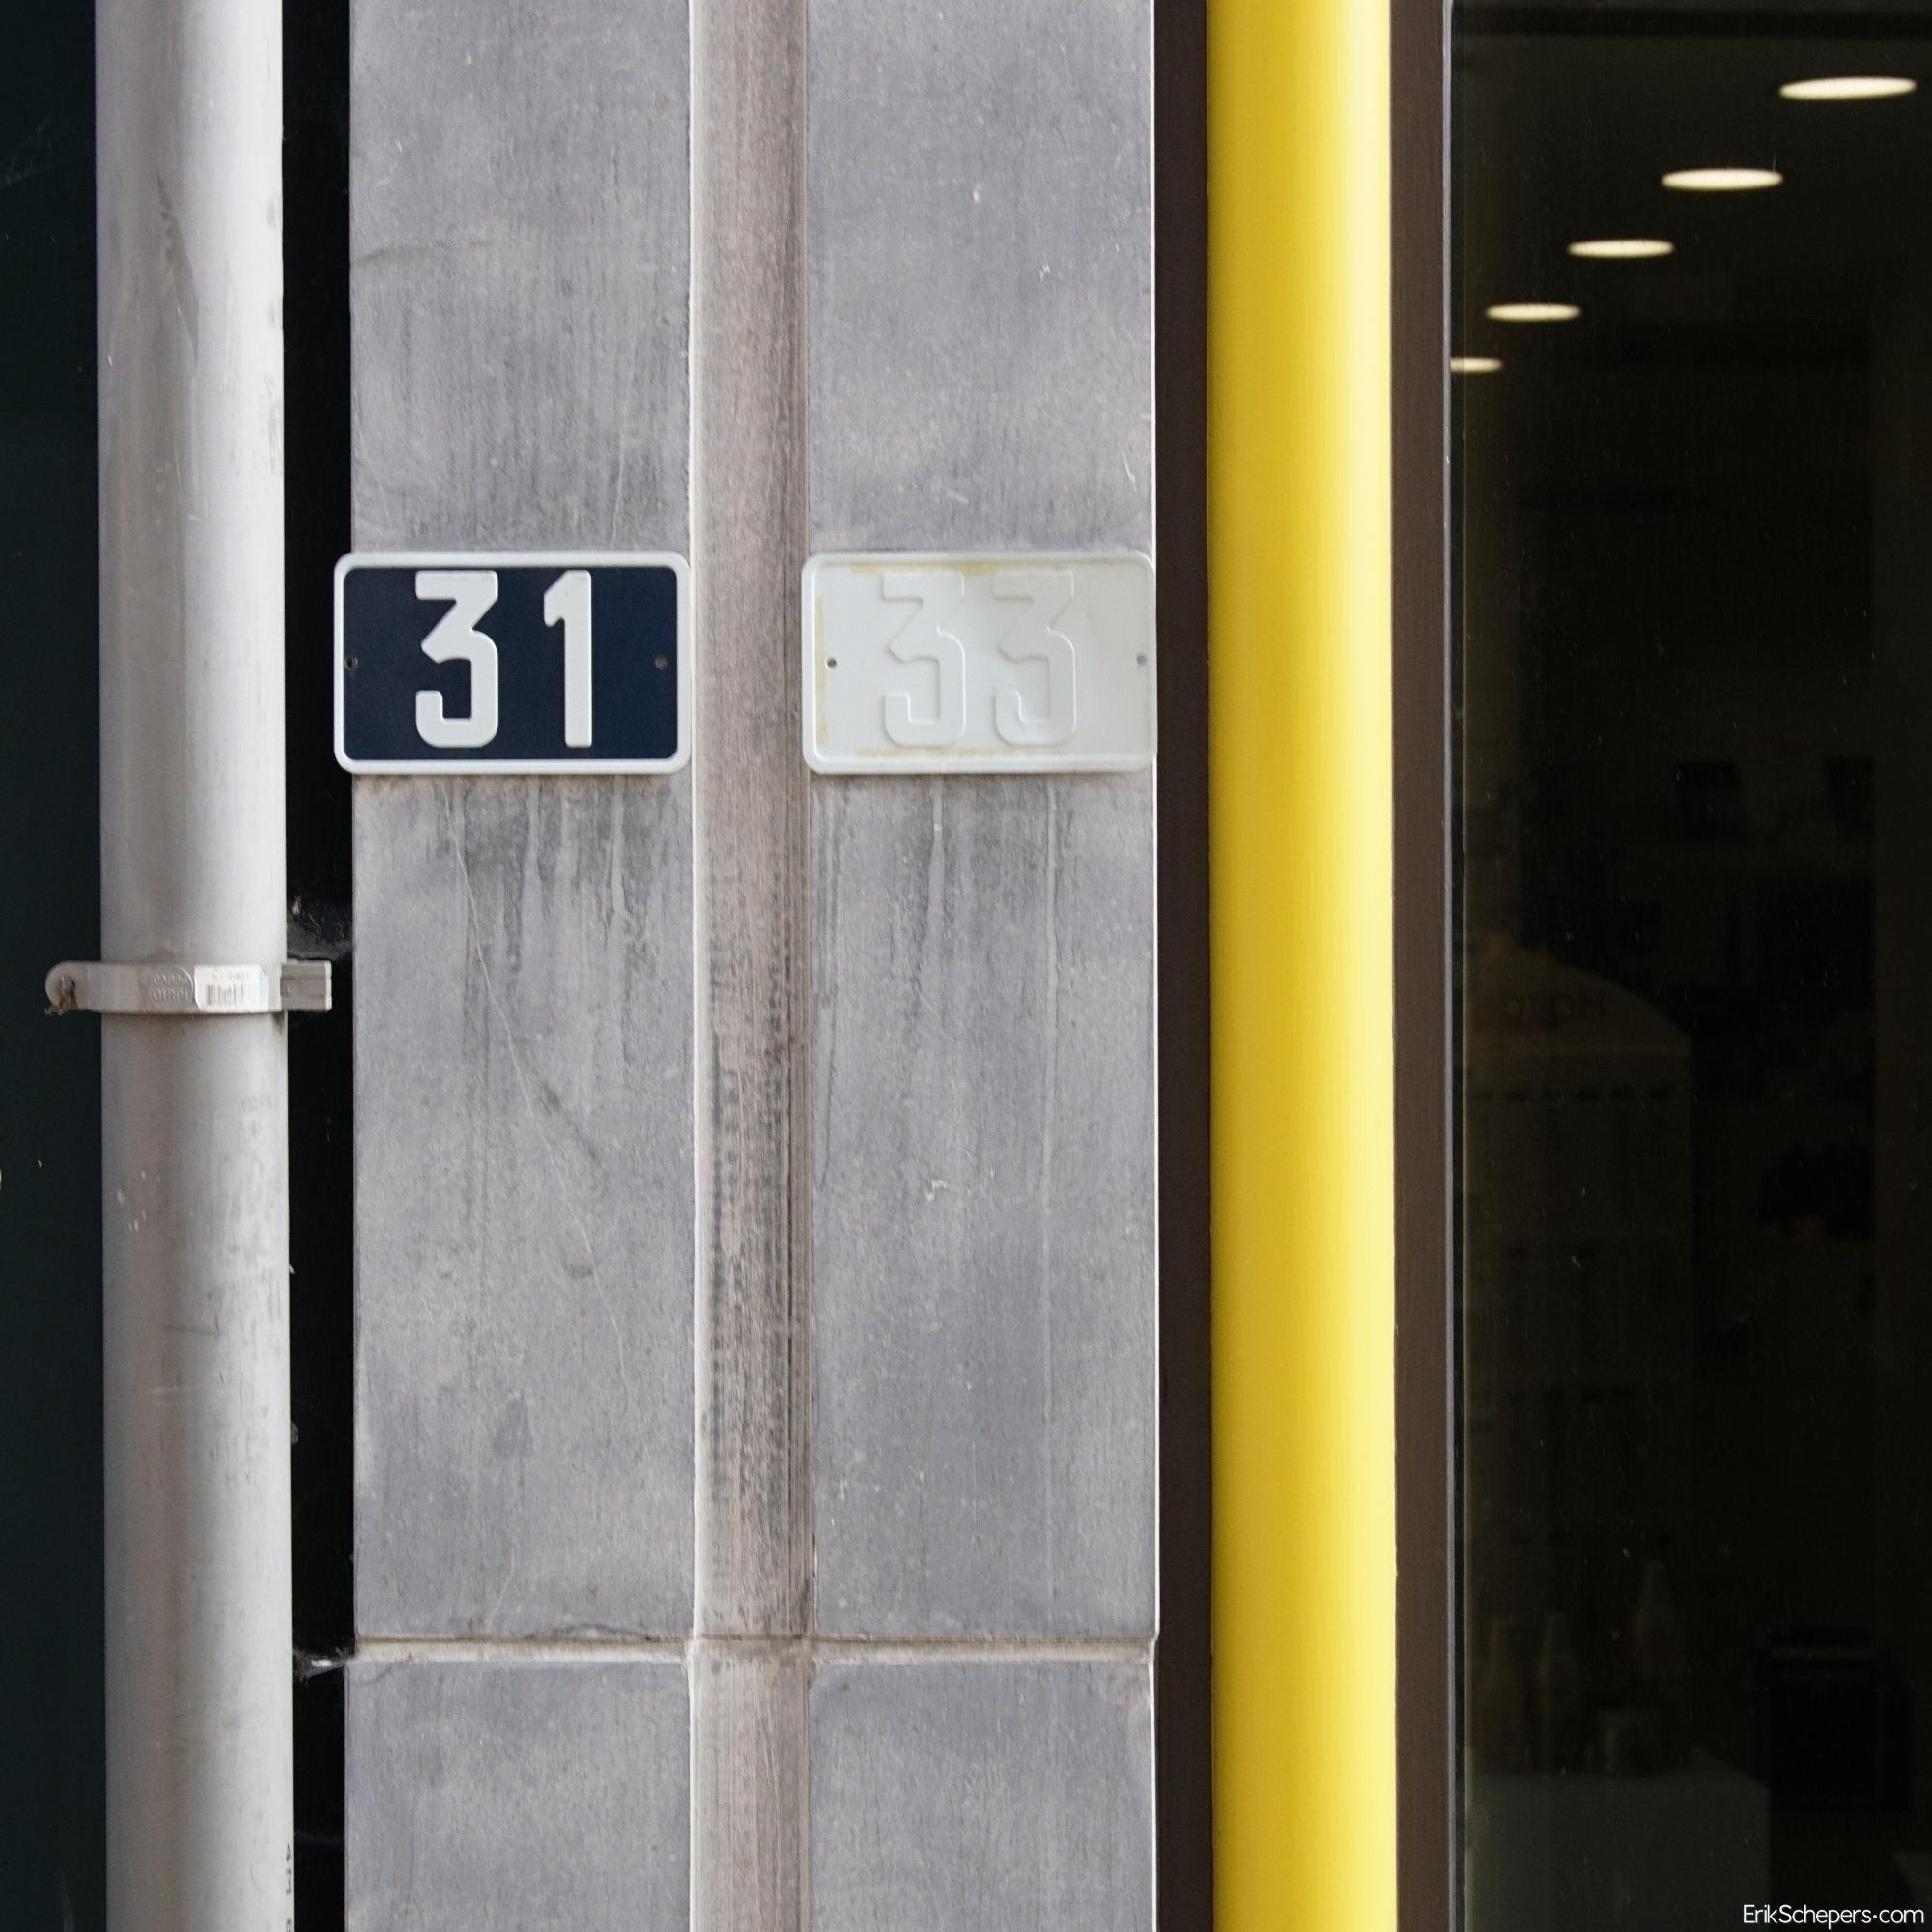 31 .. 33 by Erik Schepers